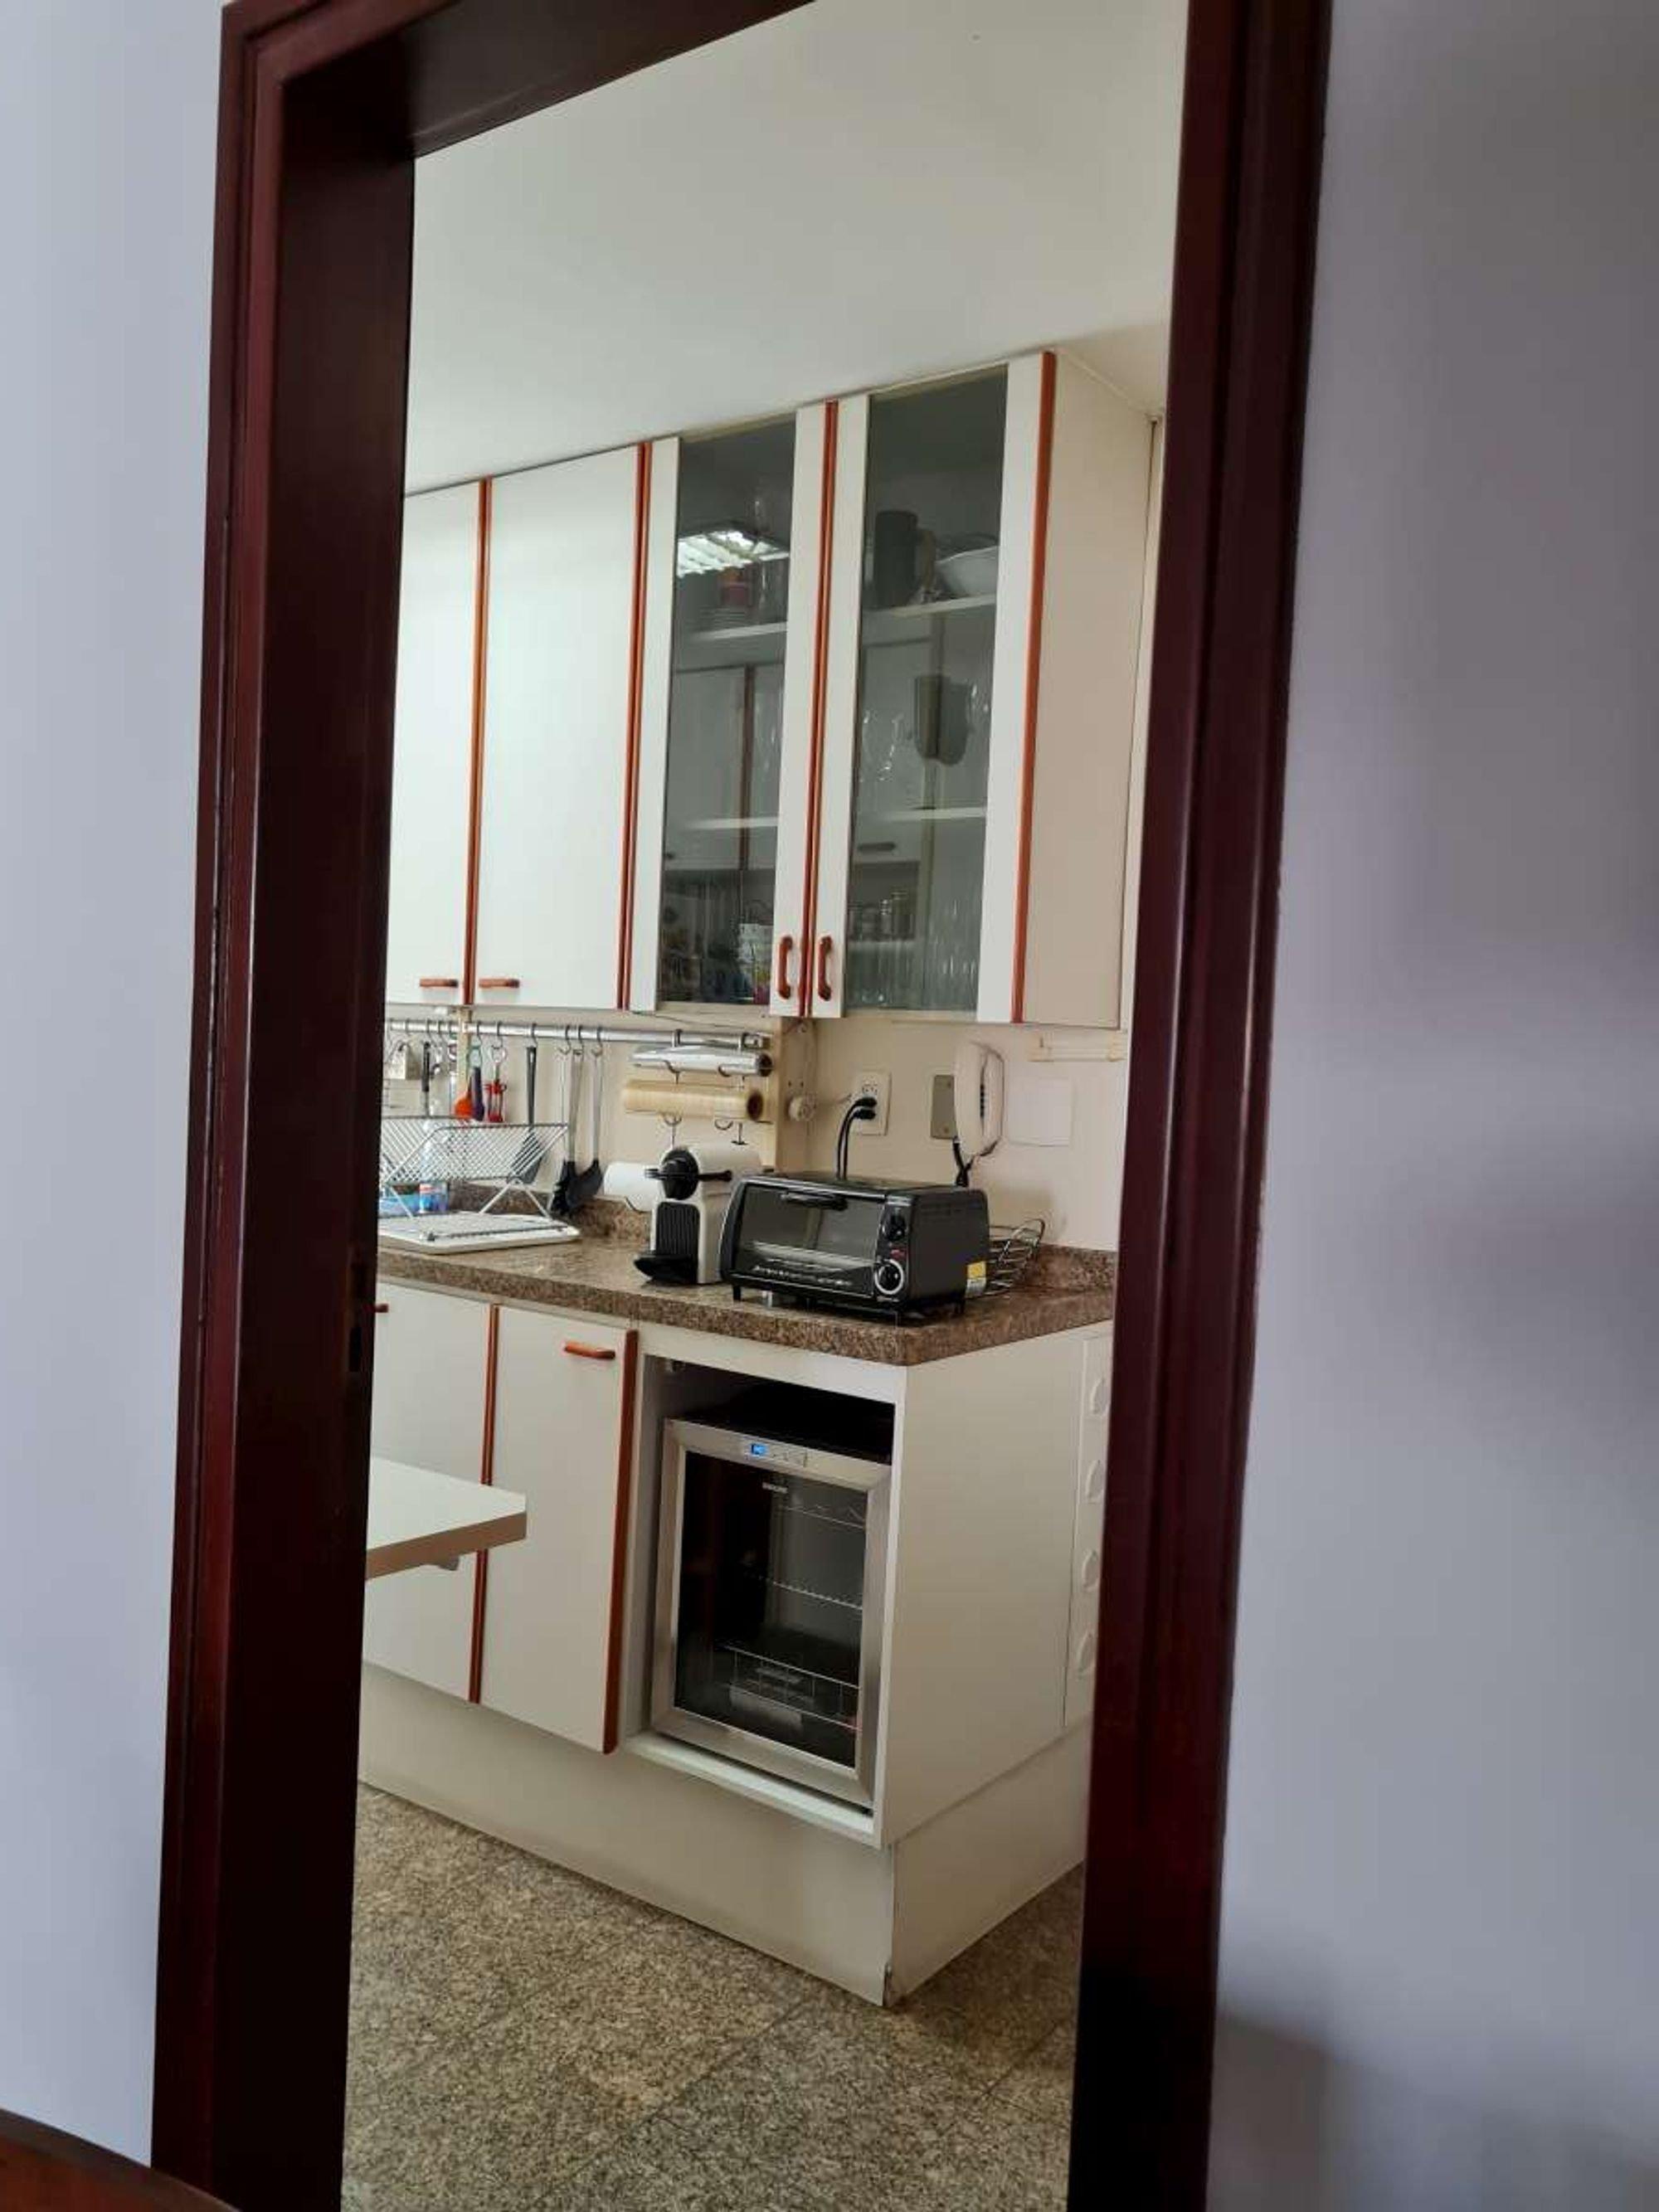 Foto de Cozinha com tigela, microondas